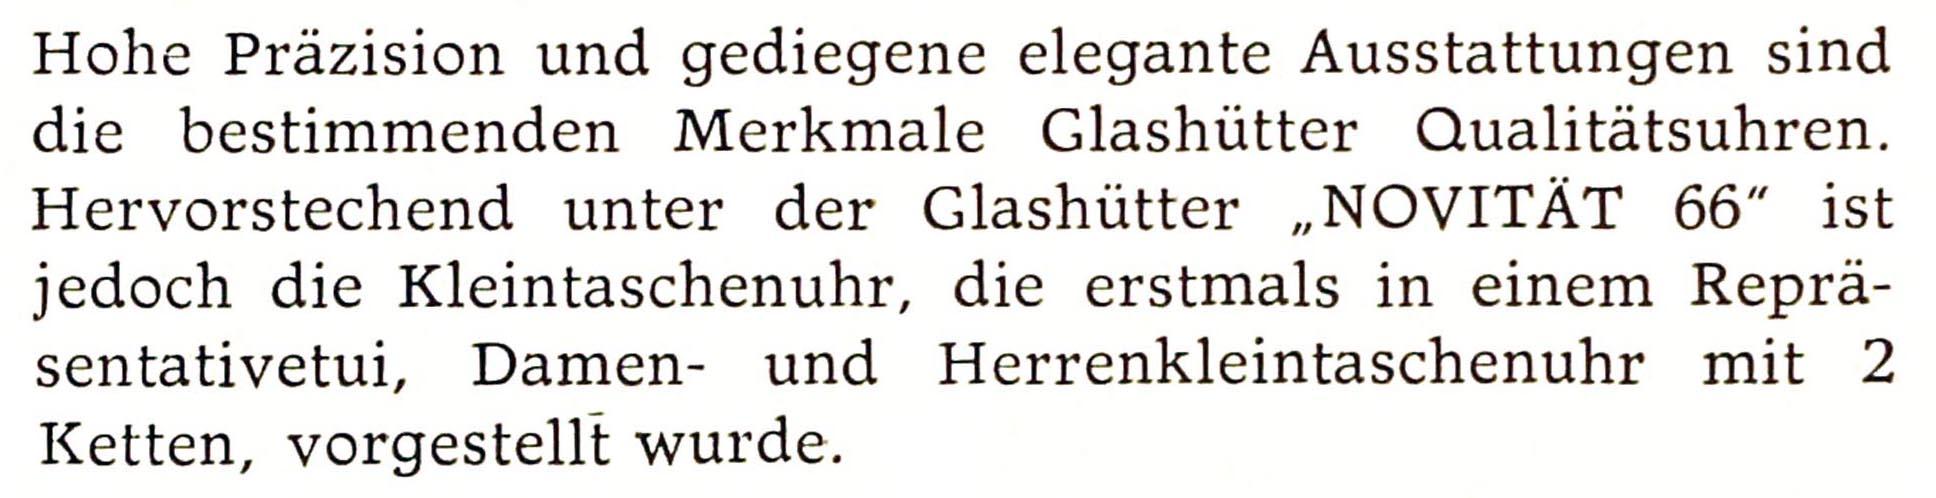 Quelle: Fachzeitschrift Uhren & Schmuck Nr.3/1966 S. 107